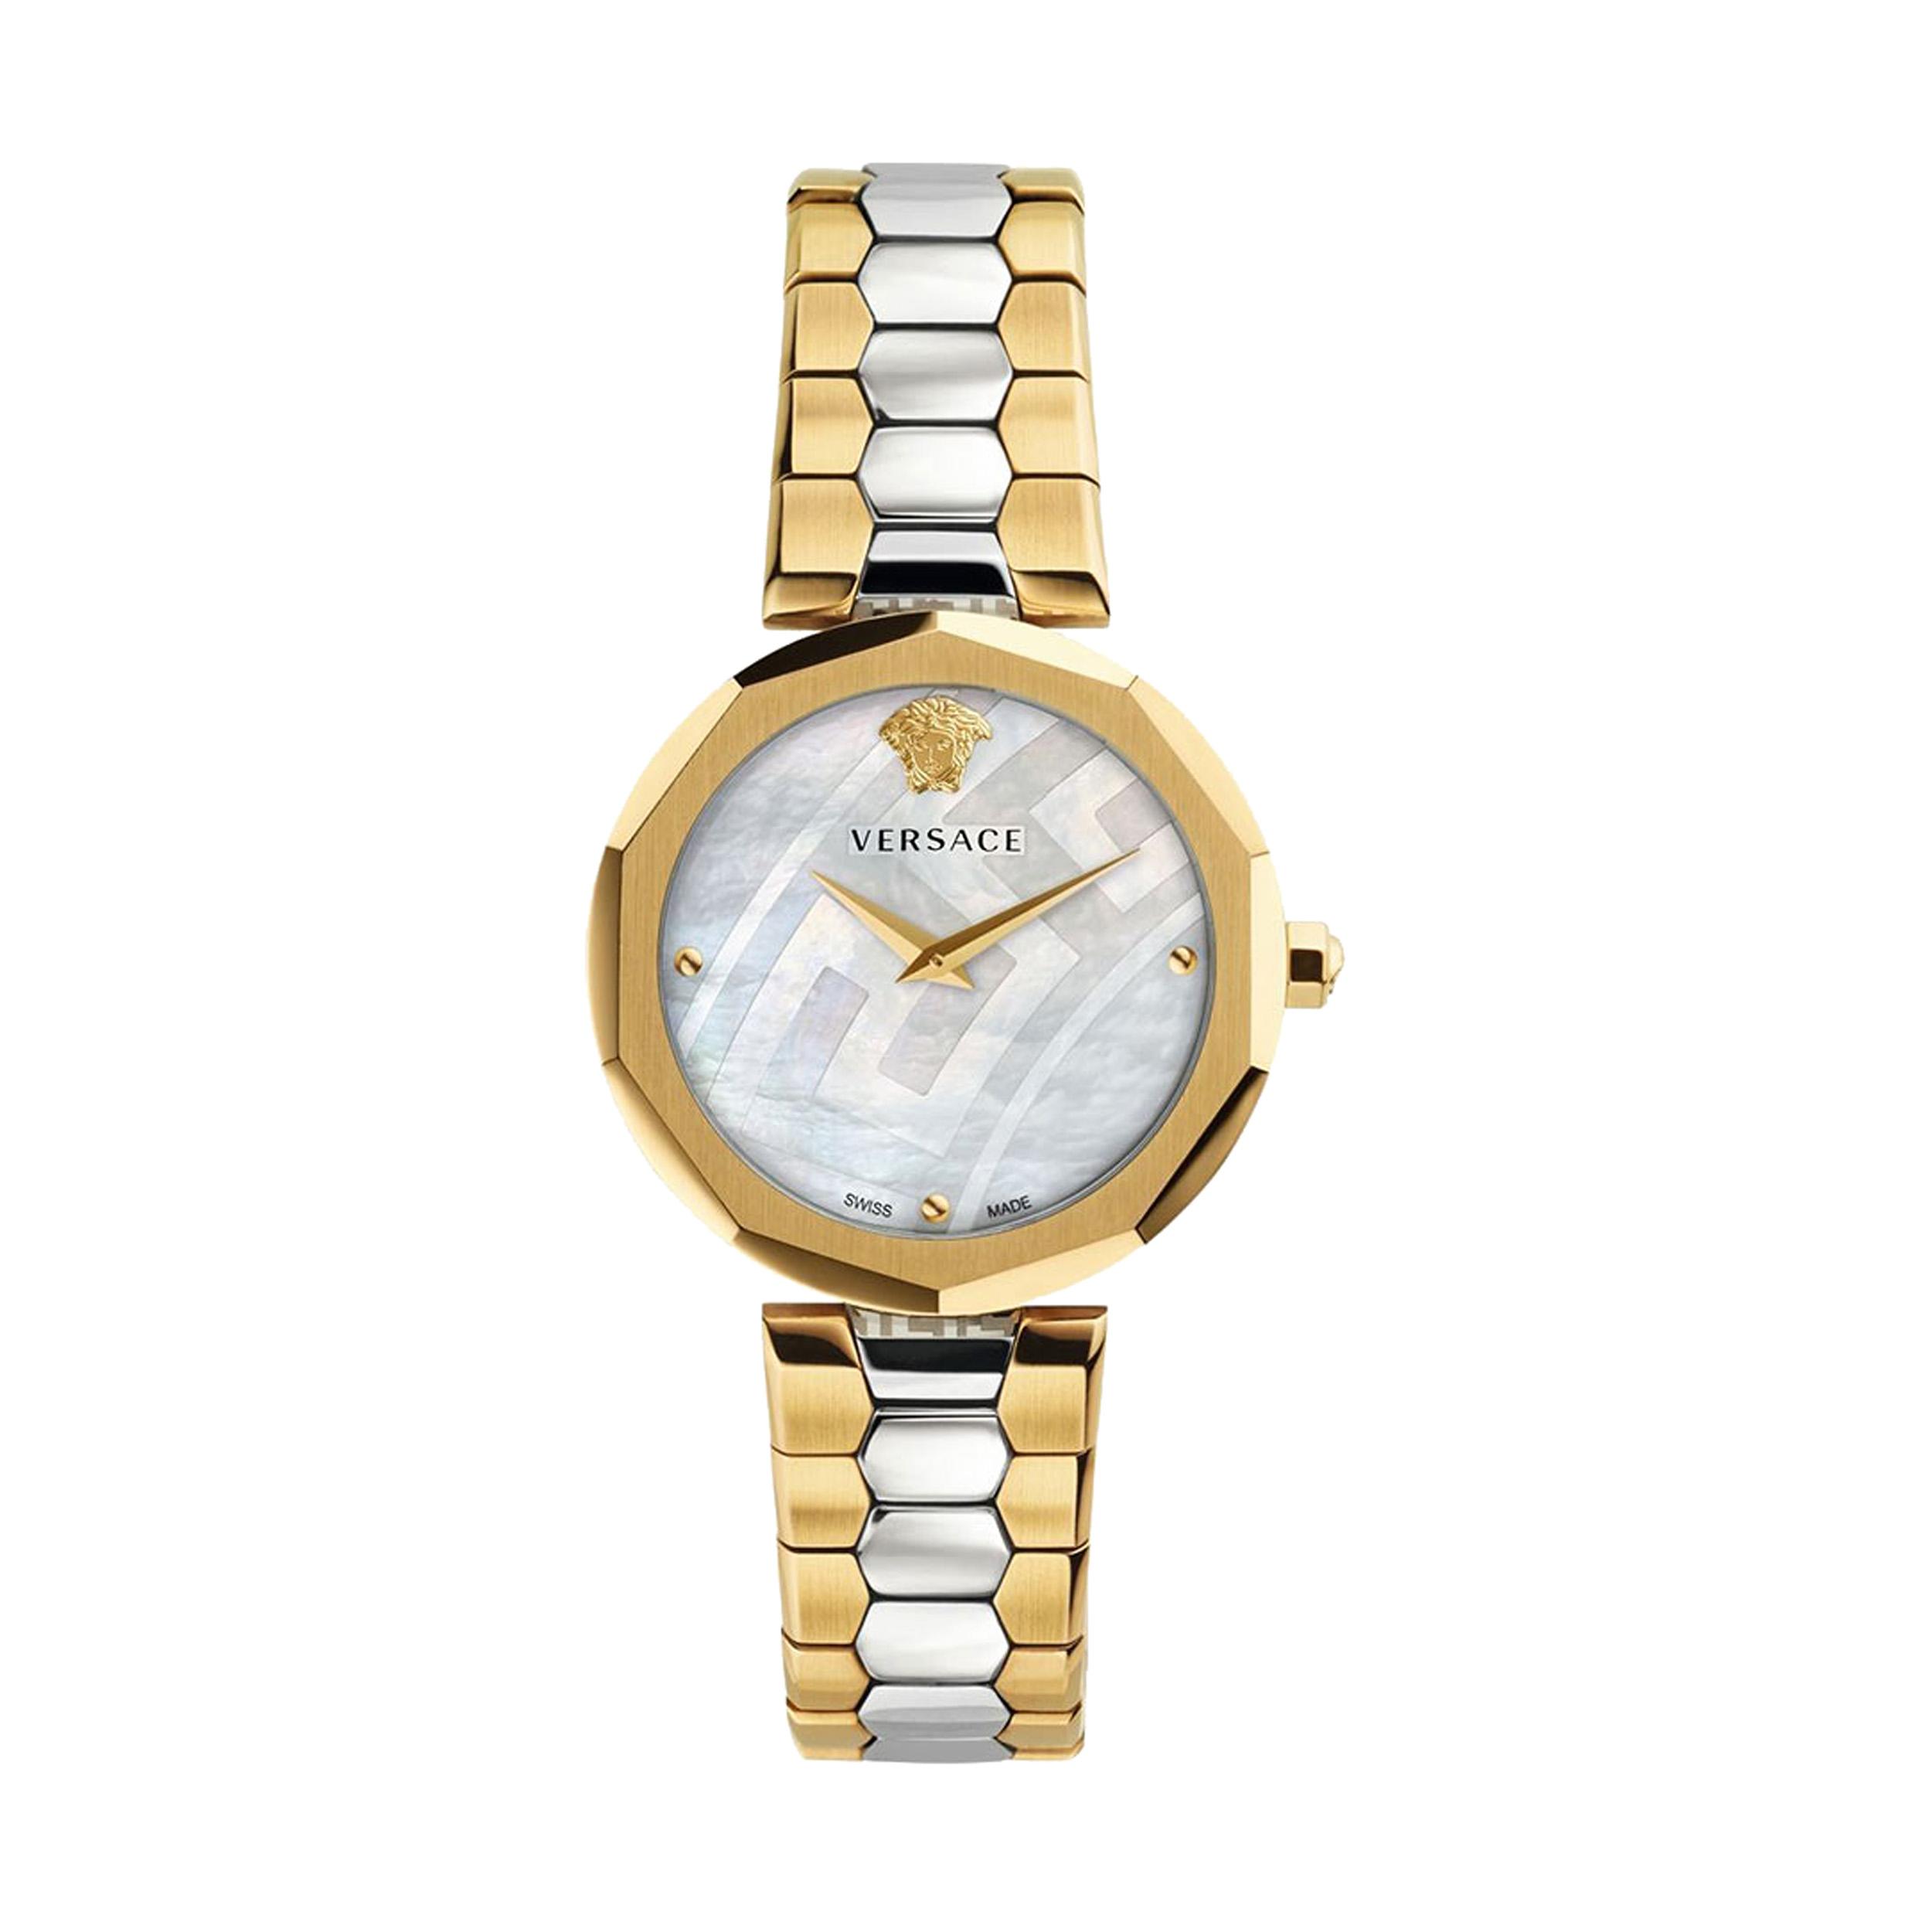 خرید ساعت مچی عقربه ای زنانه ورساچه مدل V17040017